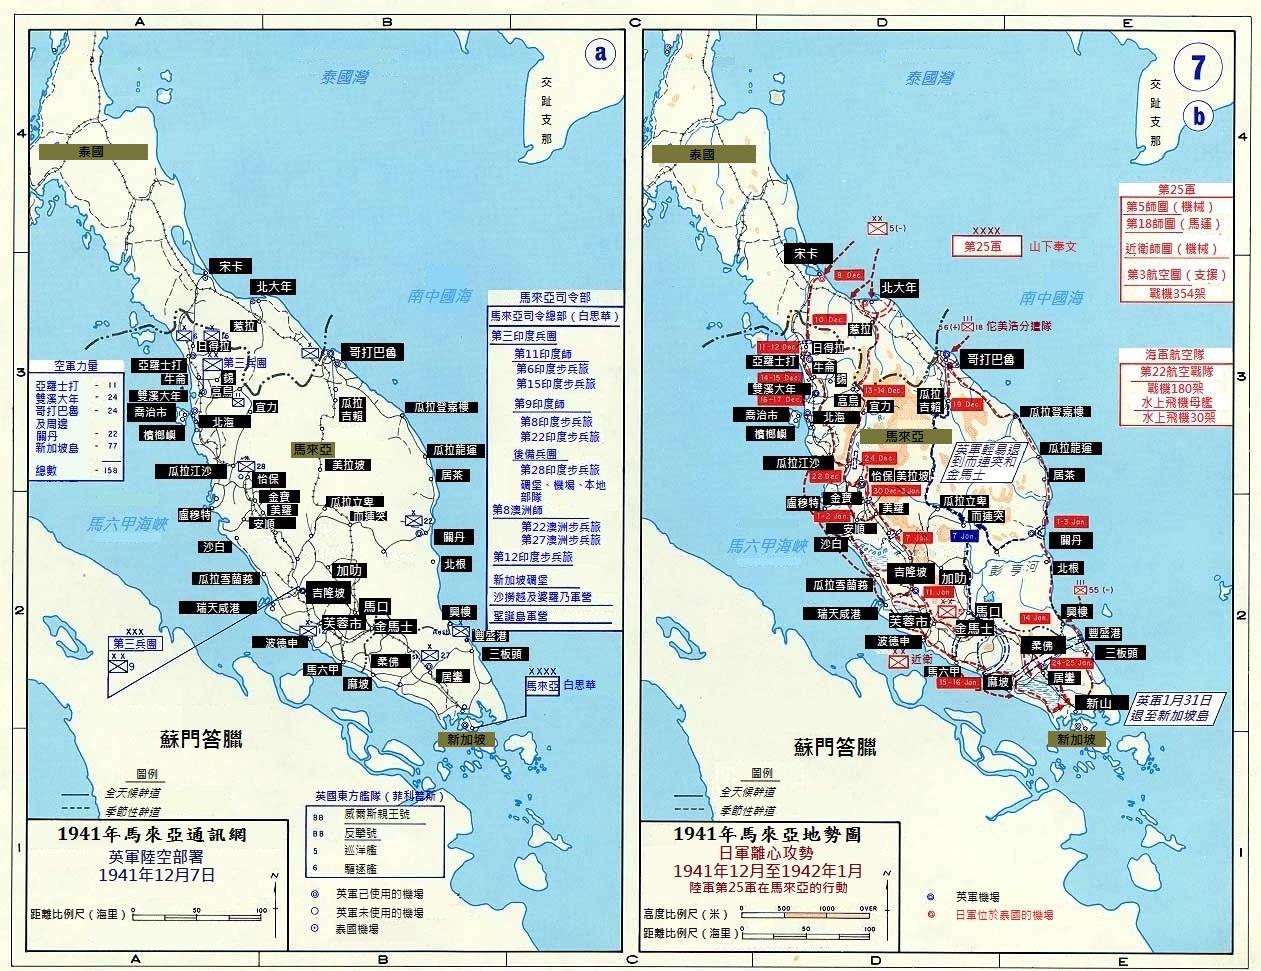 File:Pacific War - Malaya 1941-42 - Map (Chinese) jpg - Wikimedia